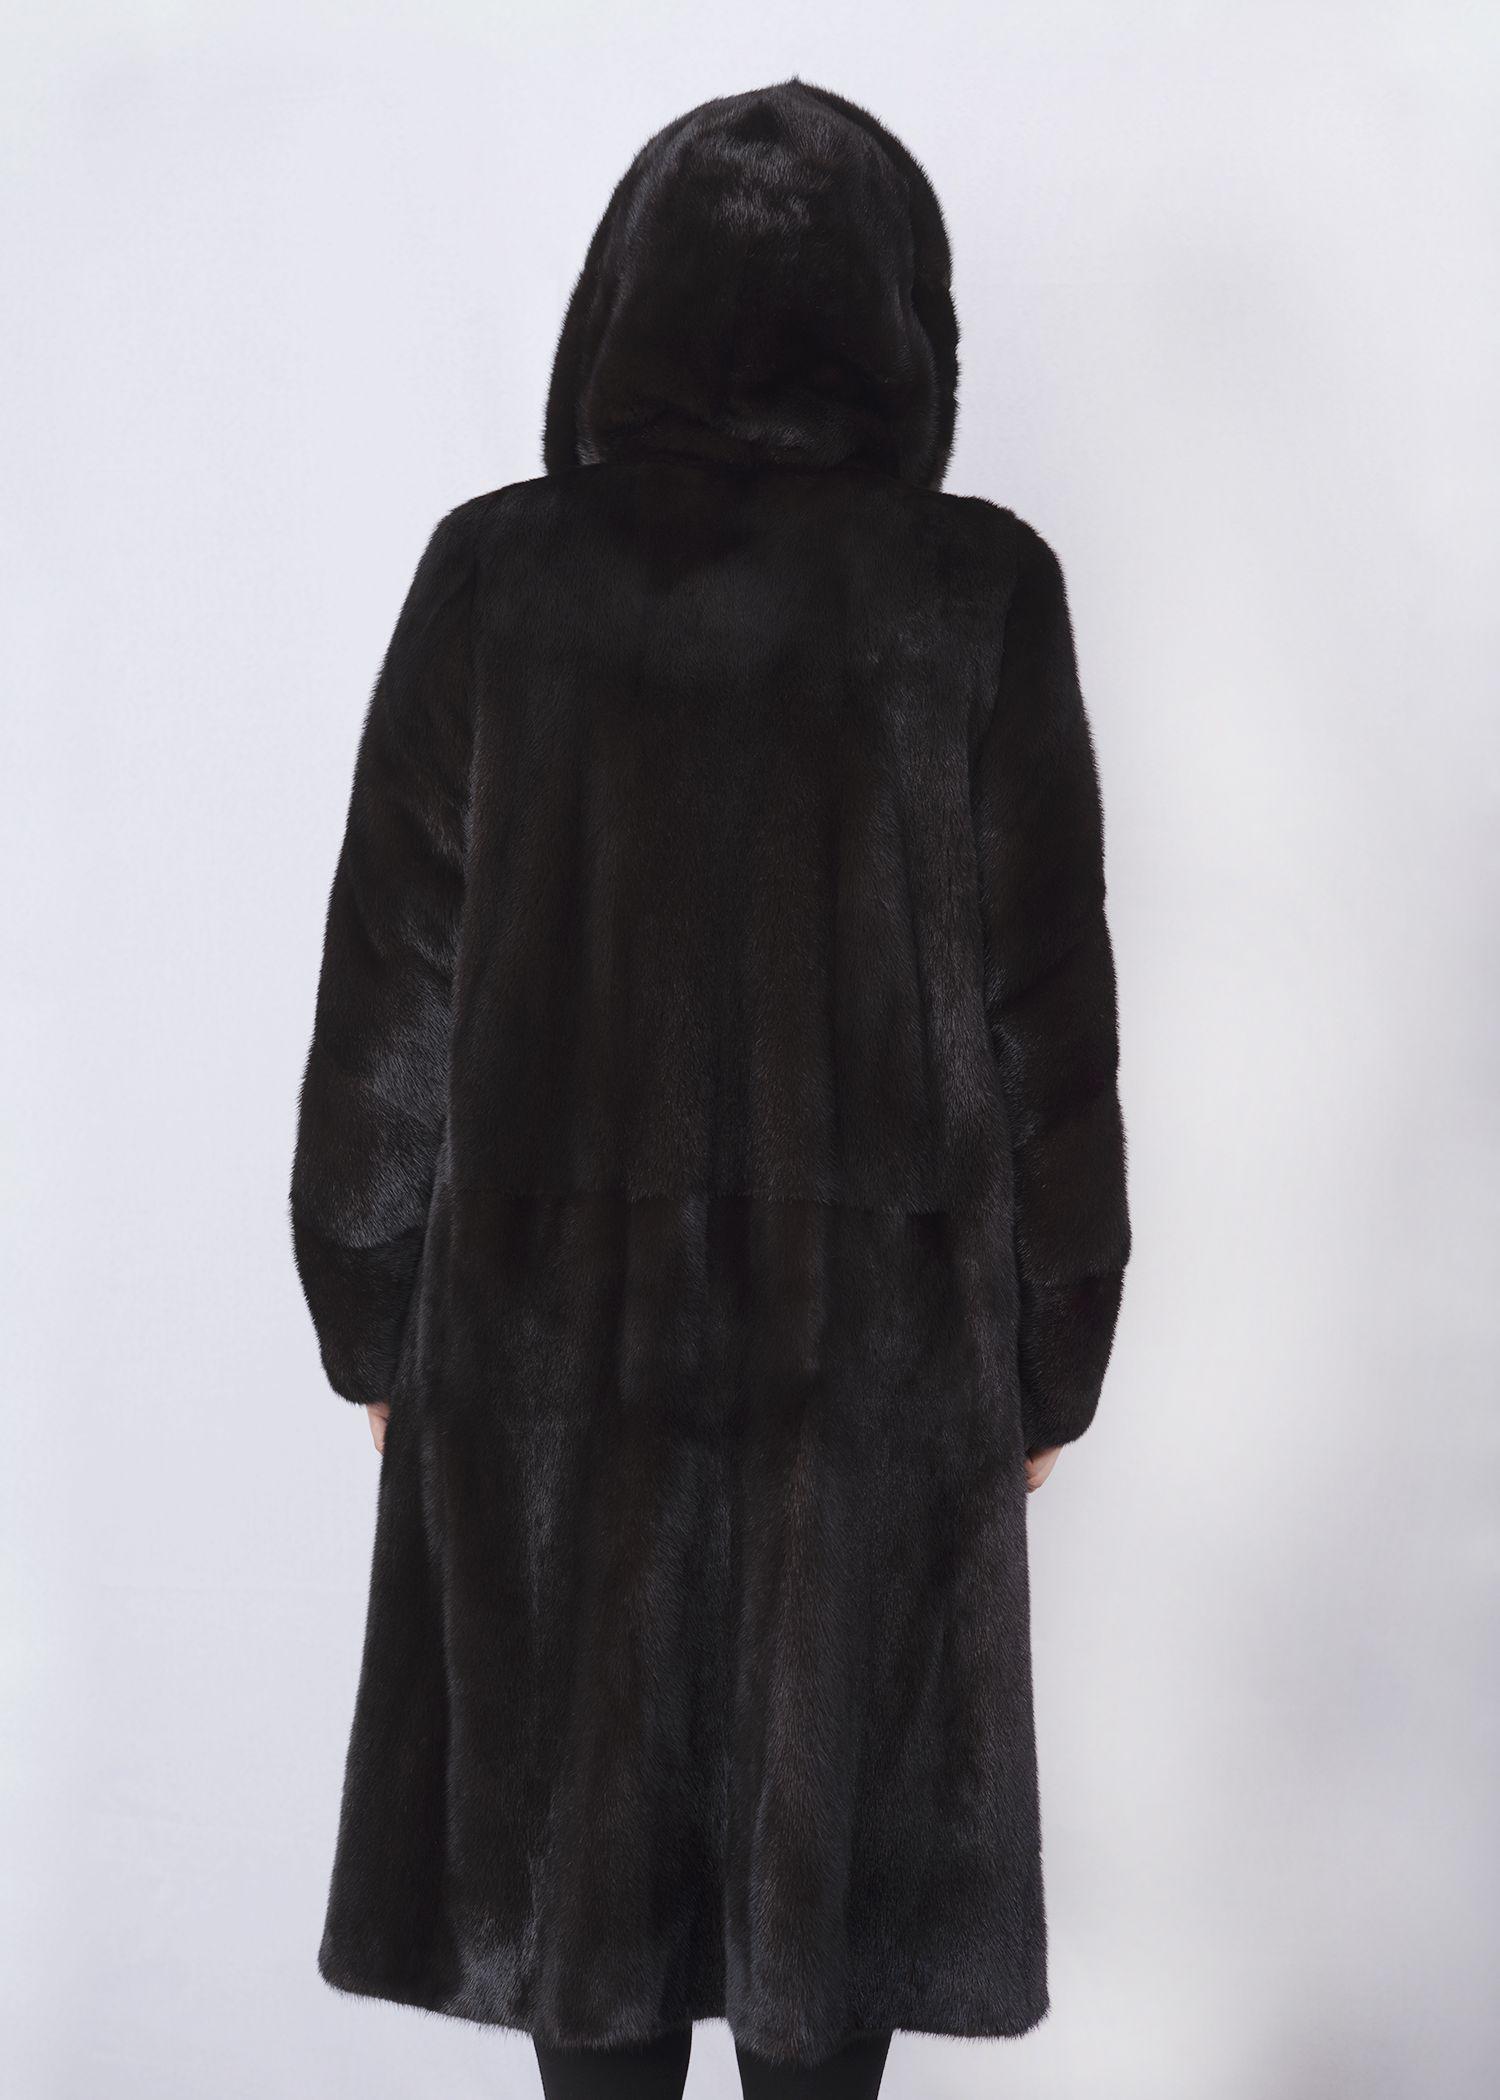 Шуба женская норковая 268 фото №1